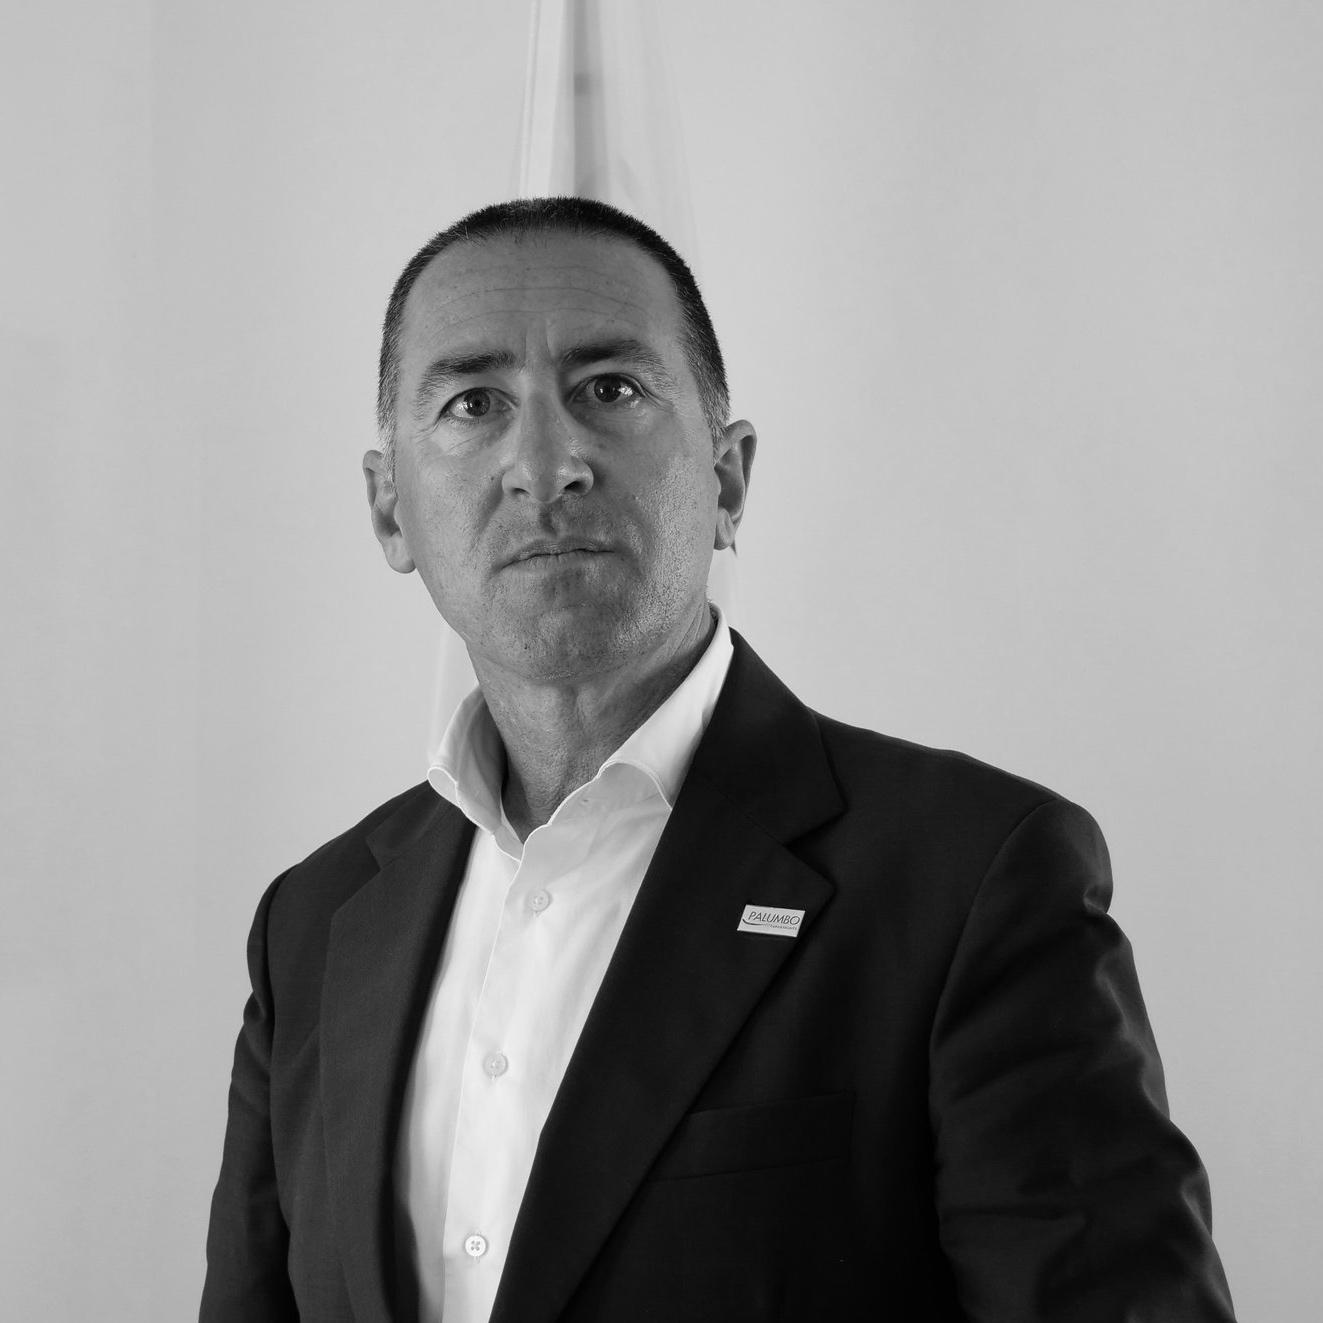 Simon Zammit   General Manager, Malta   s.zammit@palumbosy.com